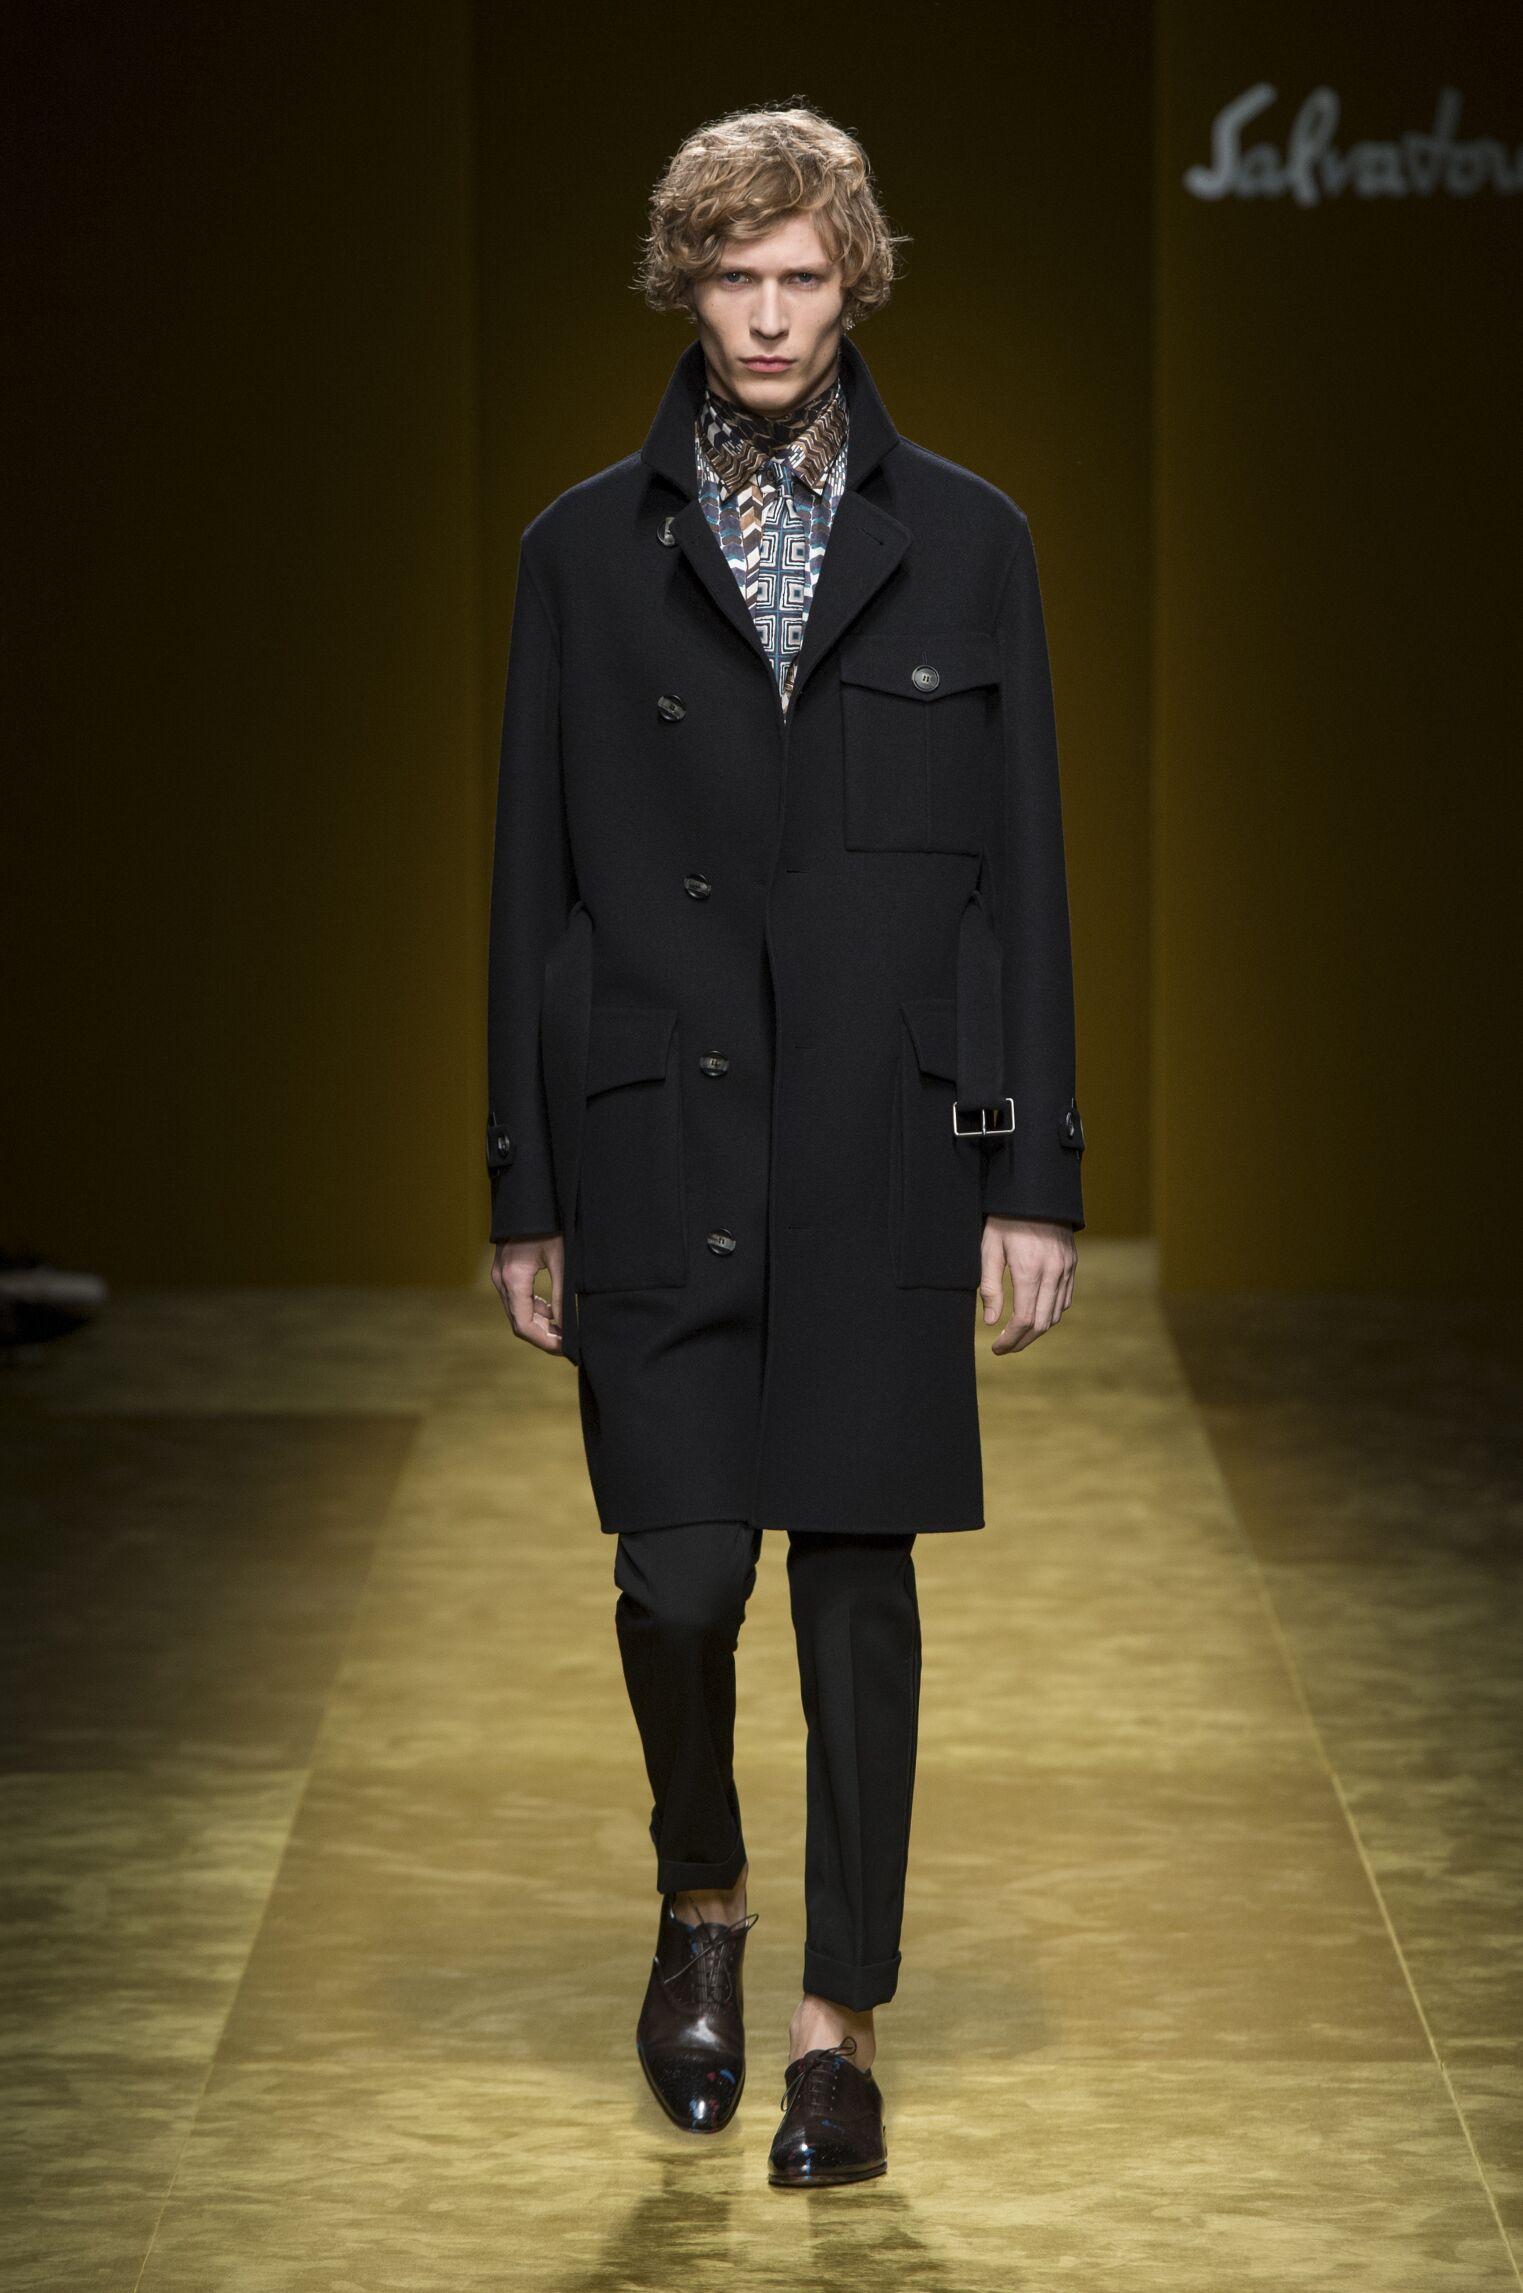 Fall 2016-17 Man Fashion Show Salvatore Ferragamo